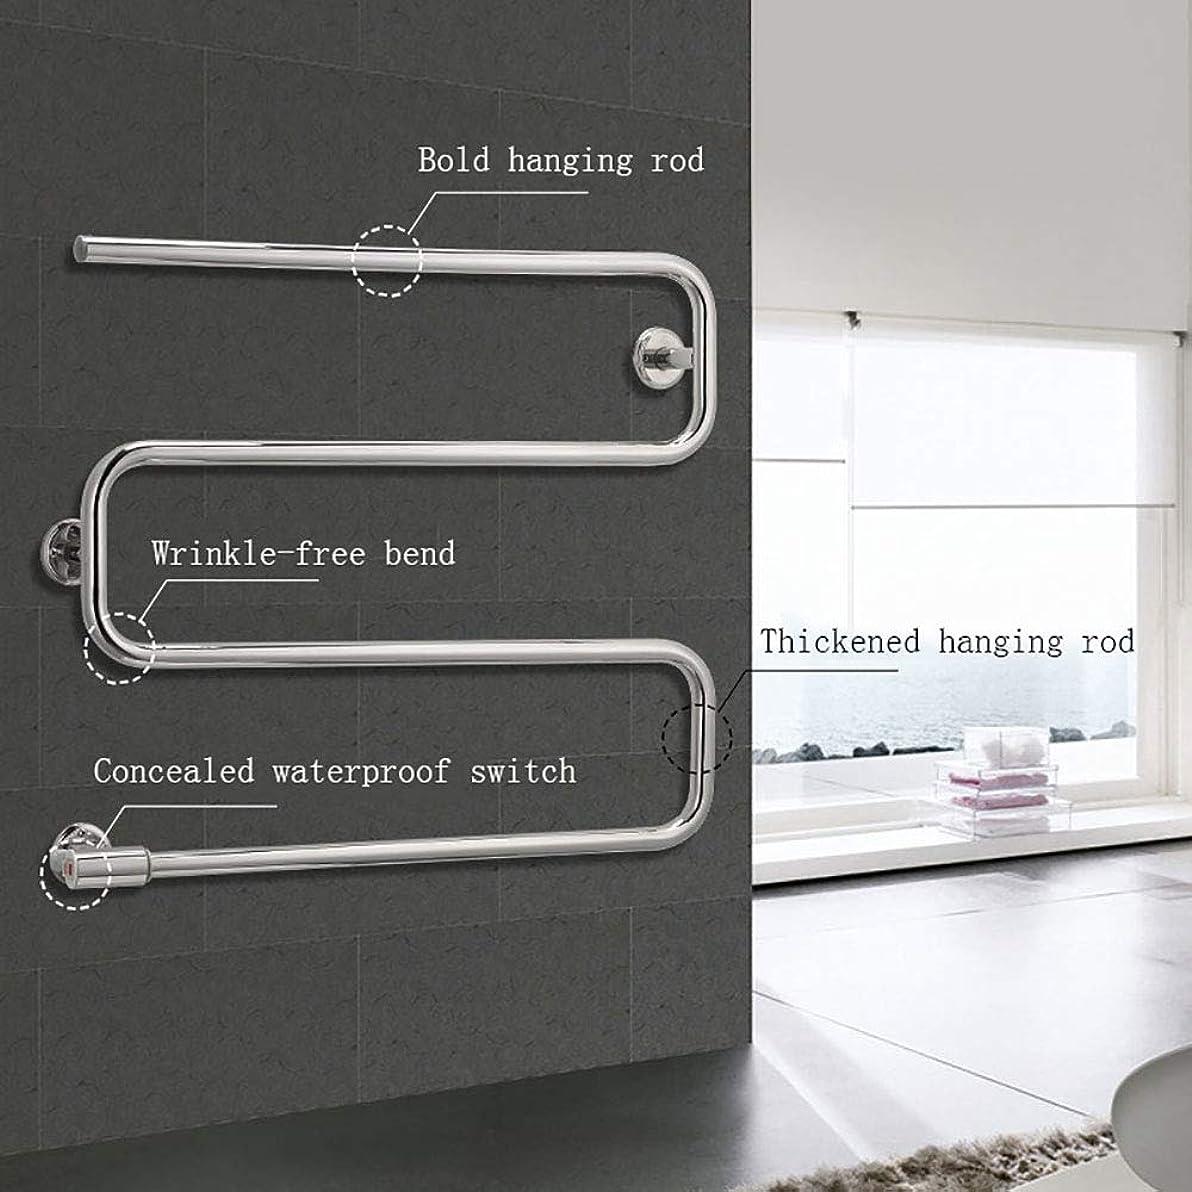 コンテンポラリー不十分昼間ウォールマウント温水タオルウォーマーと乾燥ラック、ホーム用タオルヒーター、304ステンレス鋼,1